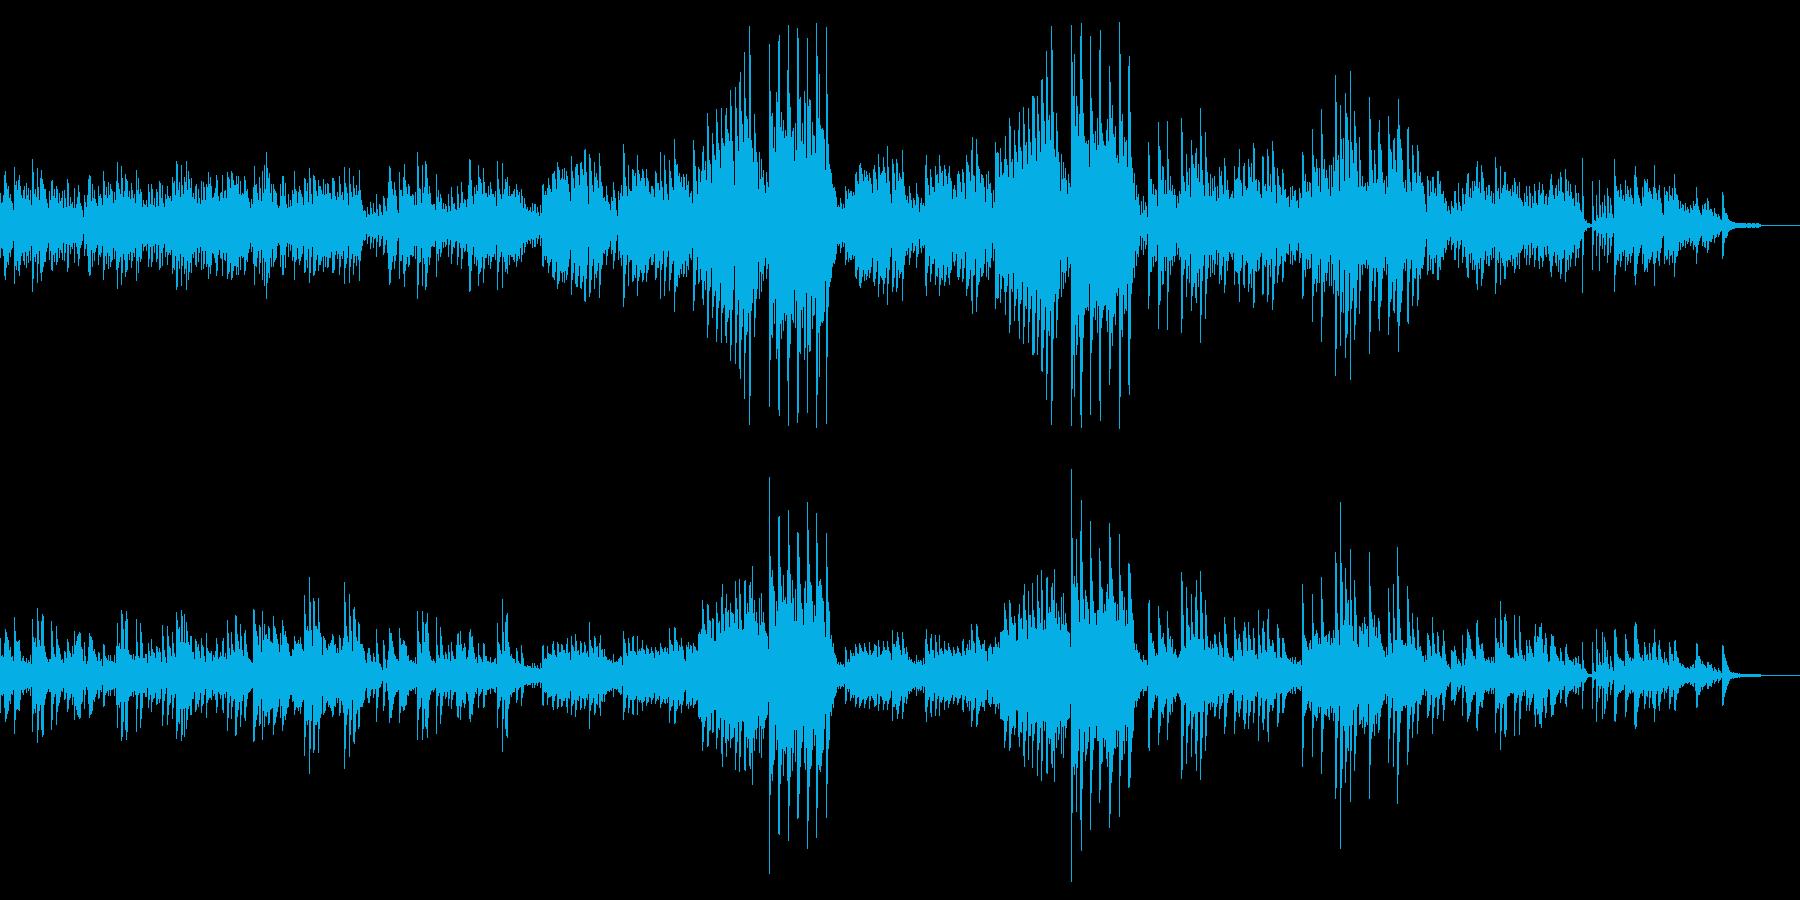 前奏曲「雨だれ」(ピアノ)の再生済みの波形